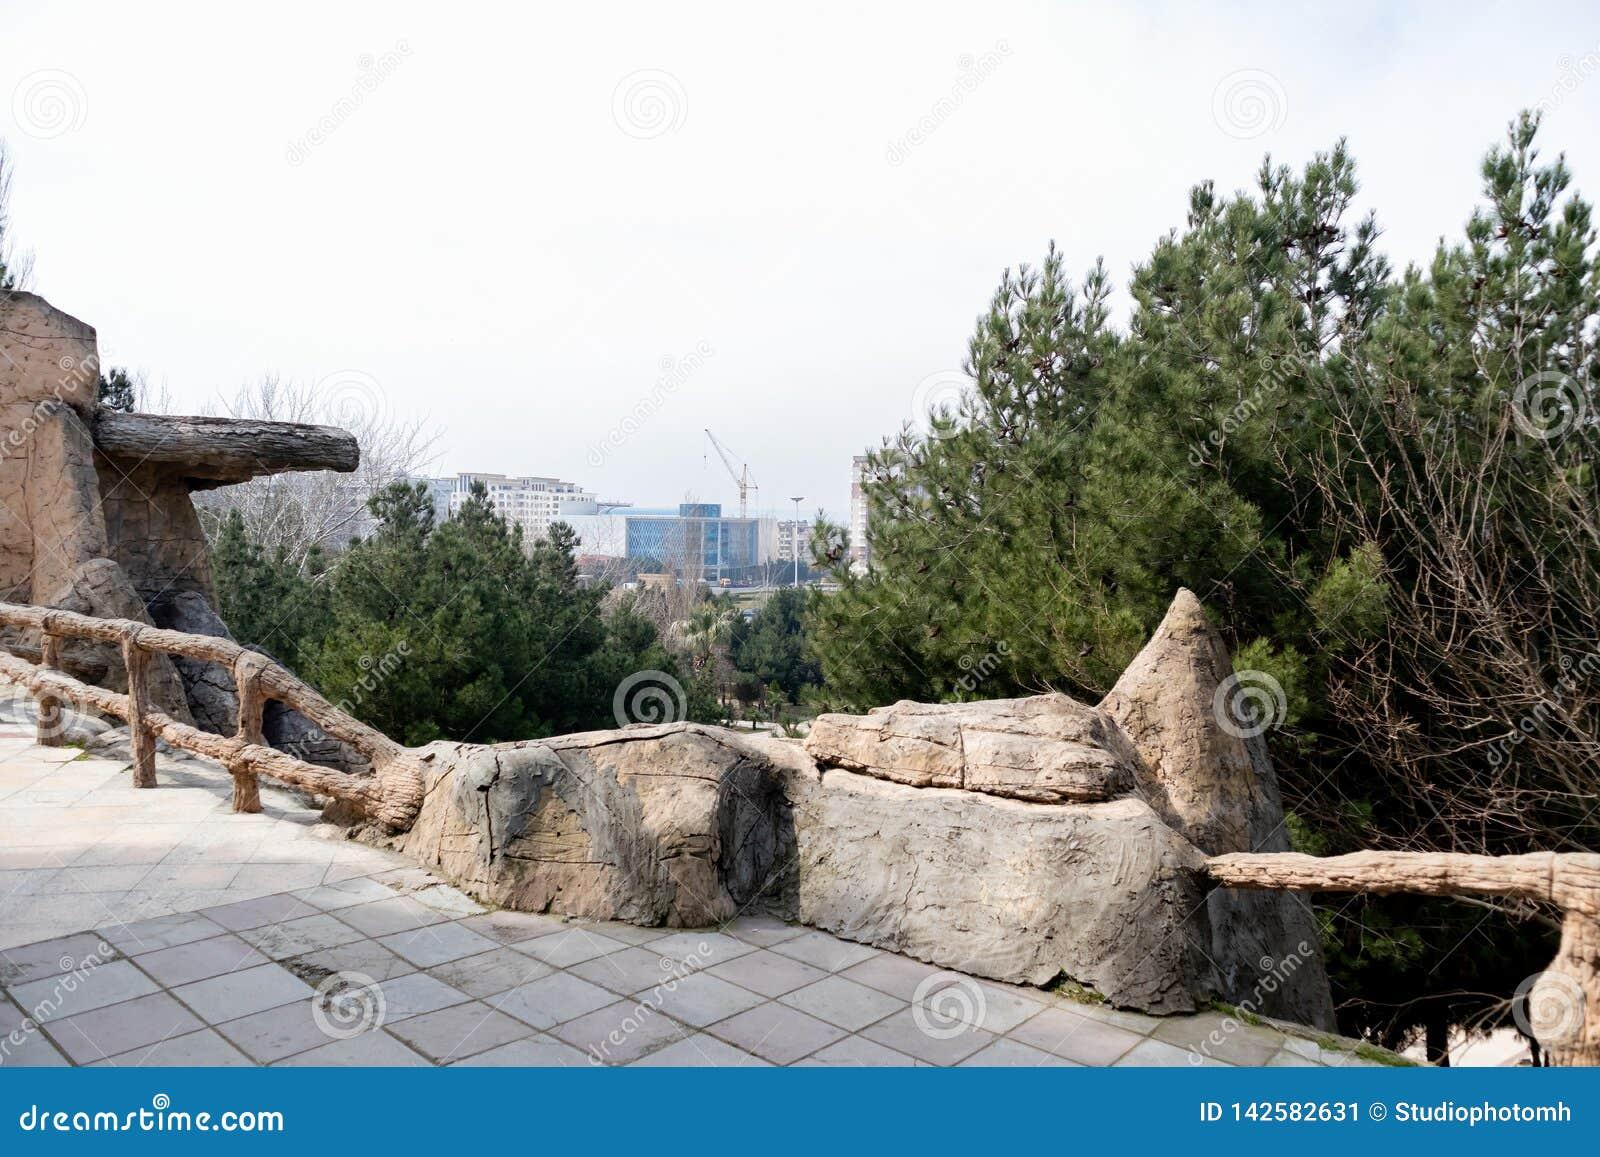 Imagen hermosa del parque Opinión del ojo de pájaro de edificios en la parte posterior